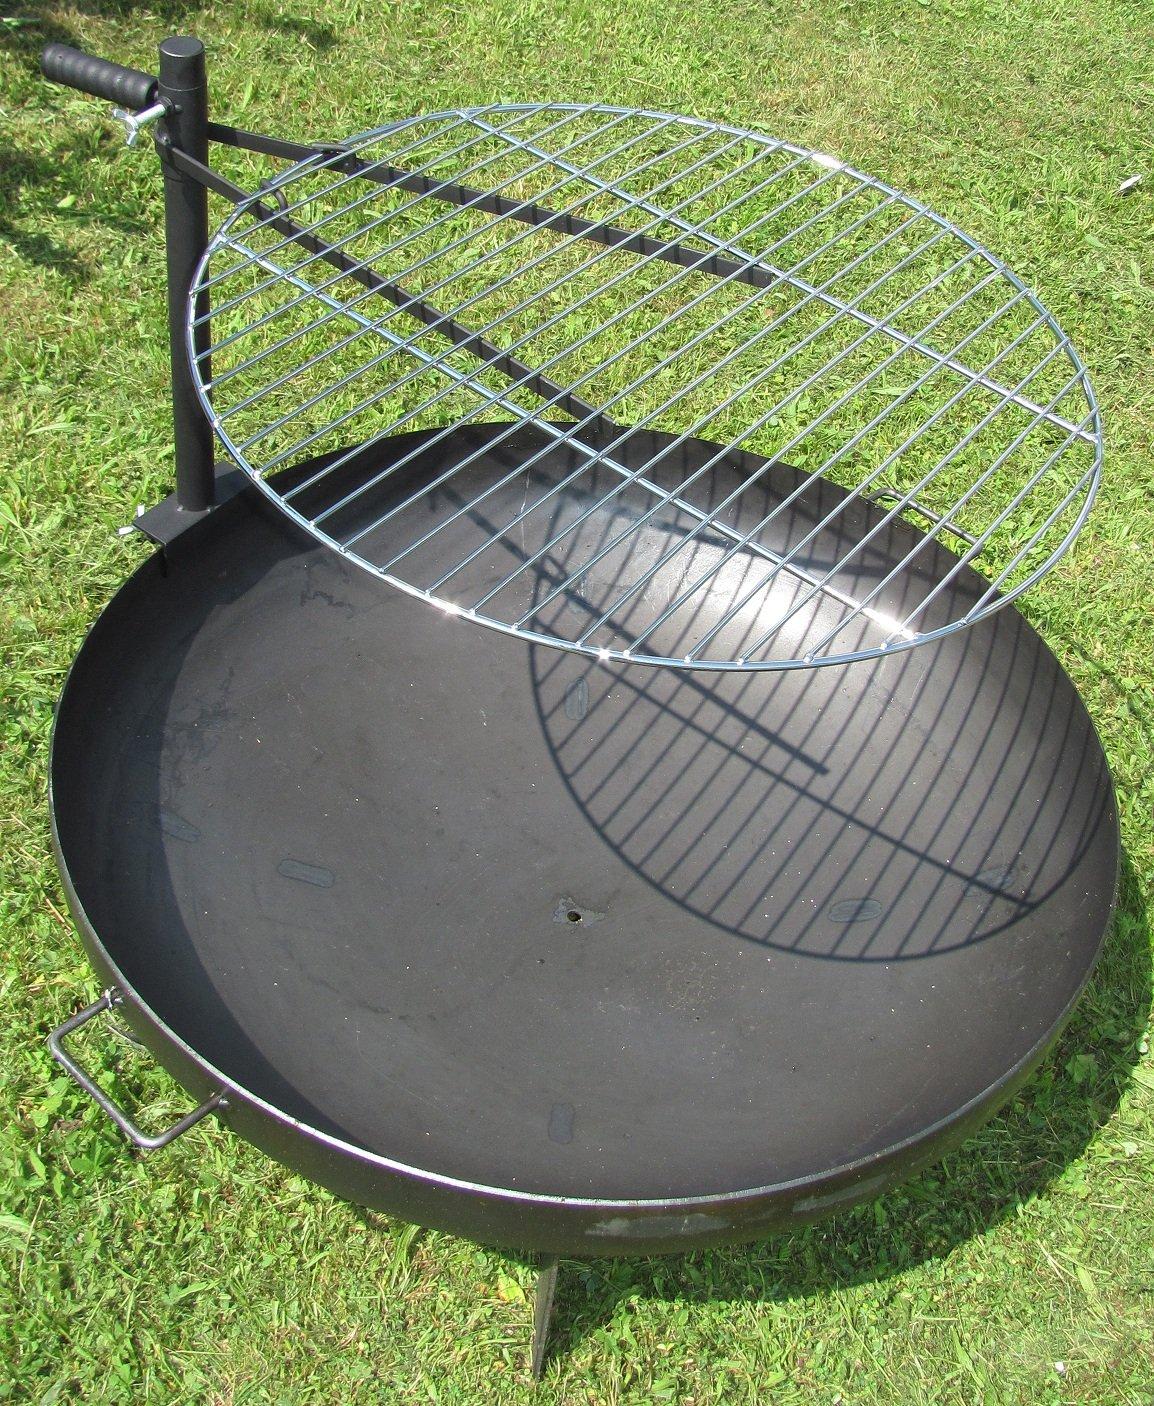 Grillrost für Feuerschale Ø60cm verchromter Rost höhenverstellbare Halterung Linder